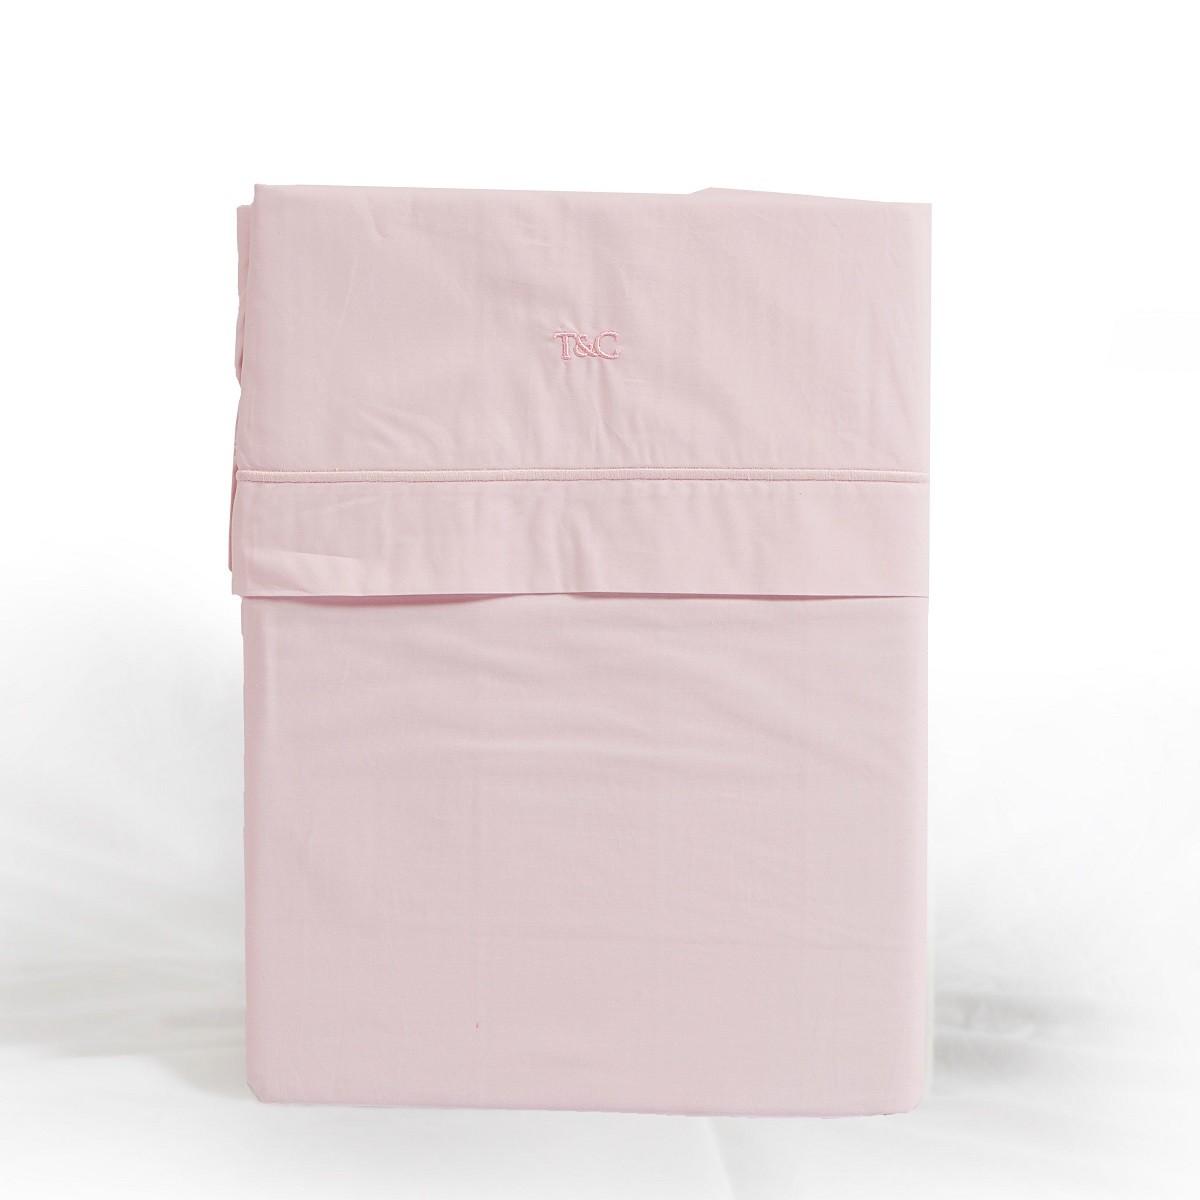 Laken cordon vrijstaand roze